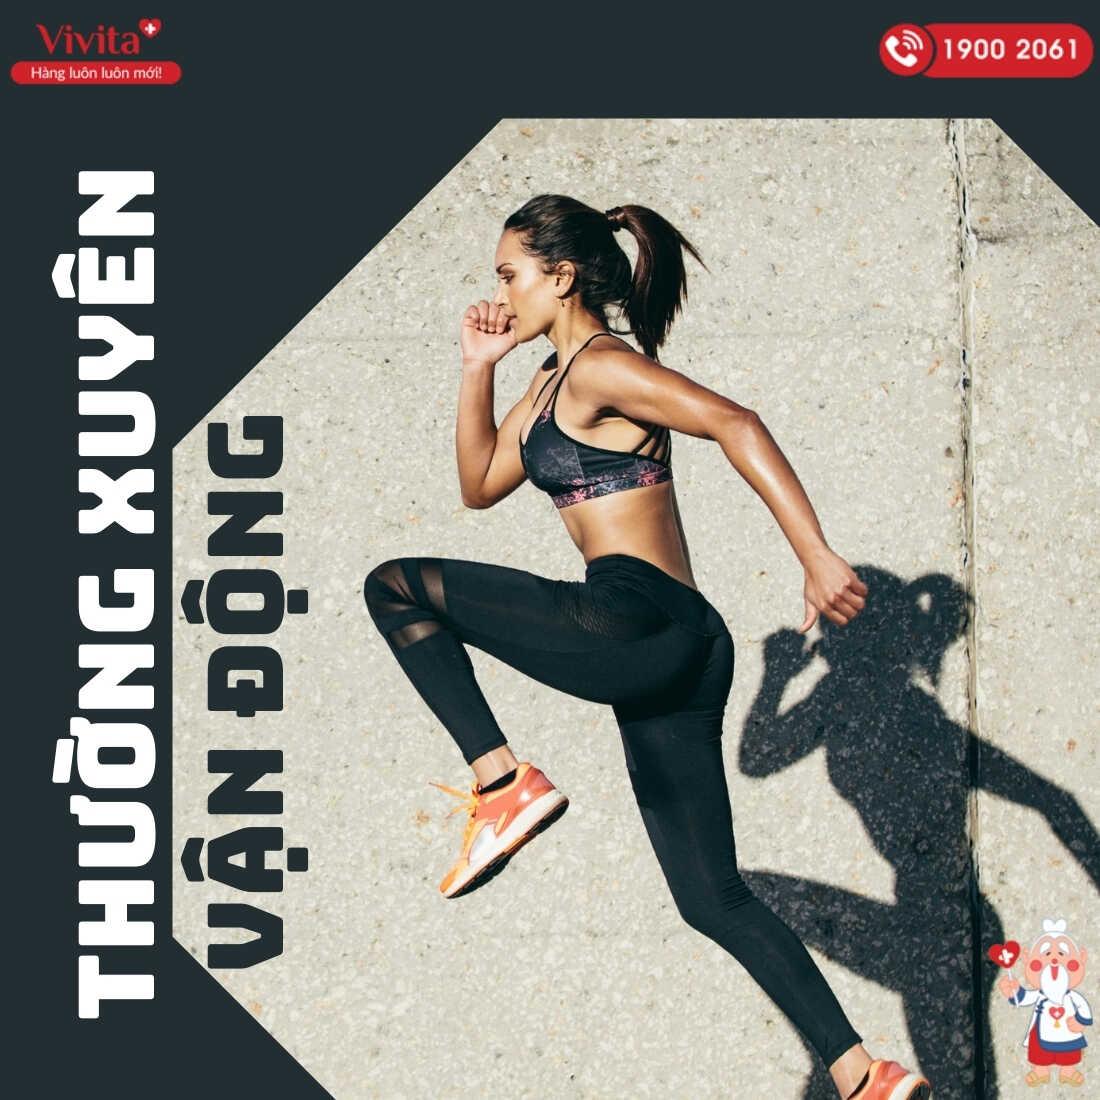 Kết hợp tập luyện để cơ thể khỏe mạnh.